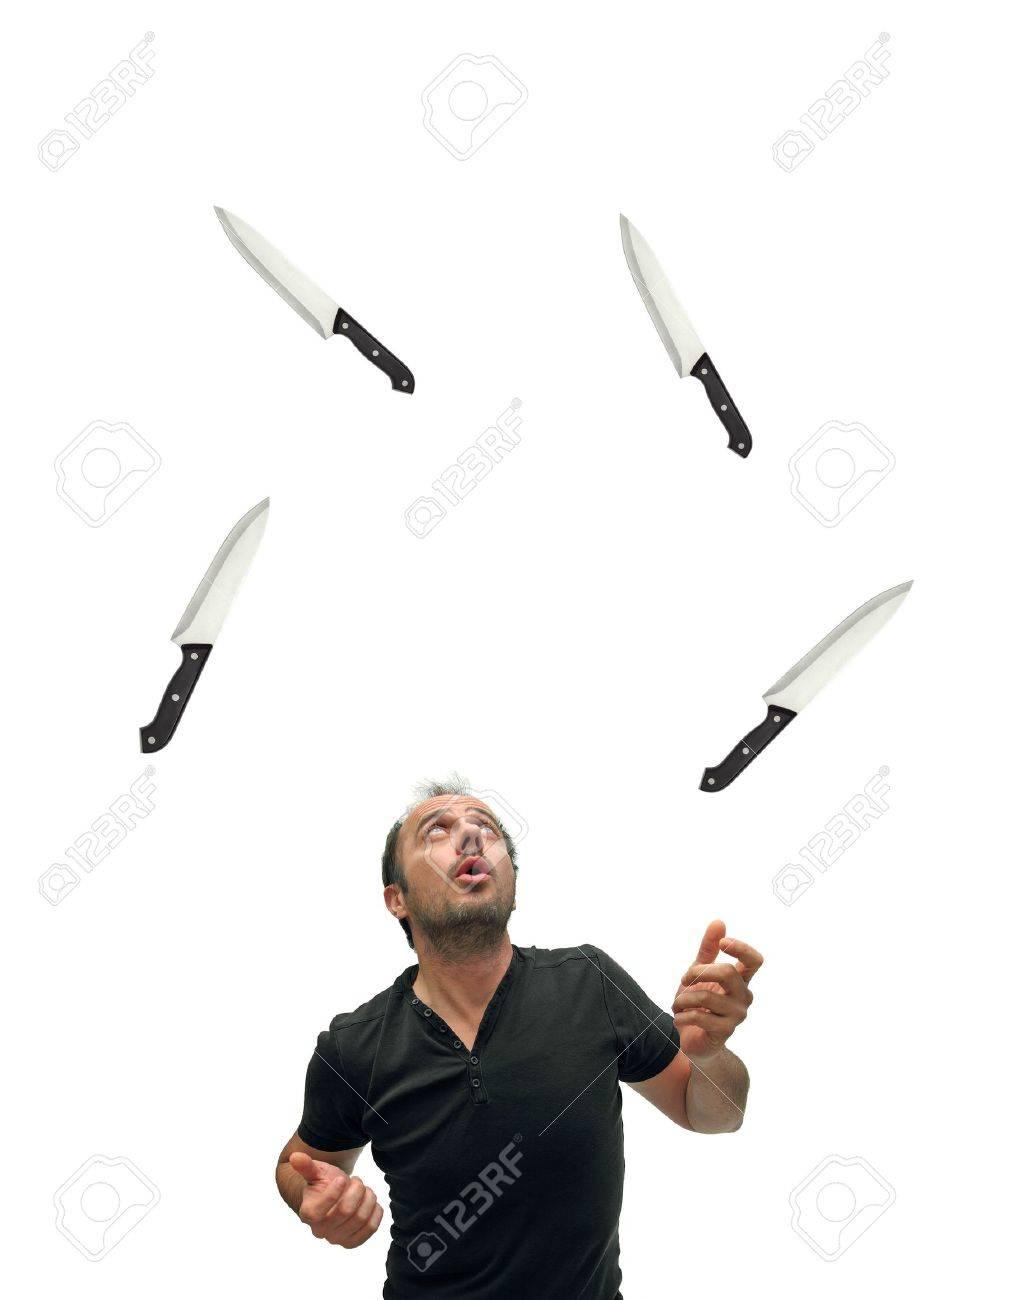 juggler using knives over white Stock Photo - 18333295